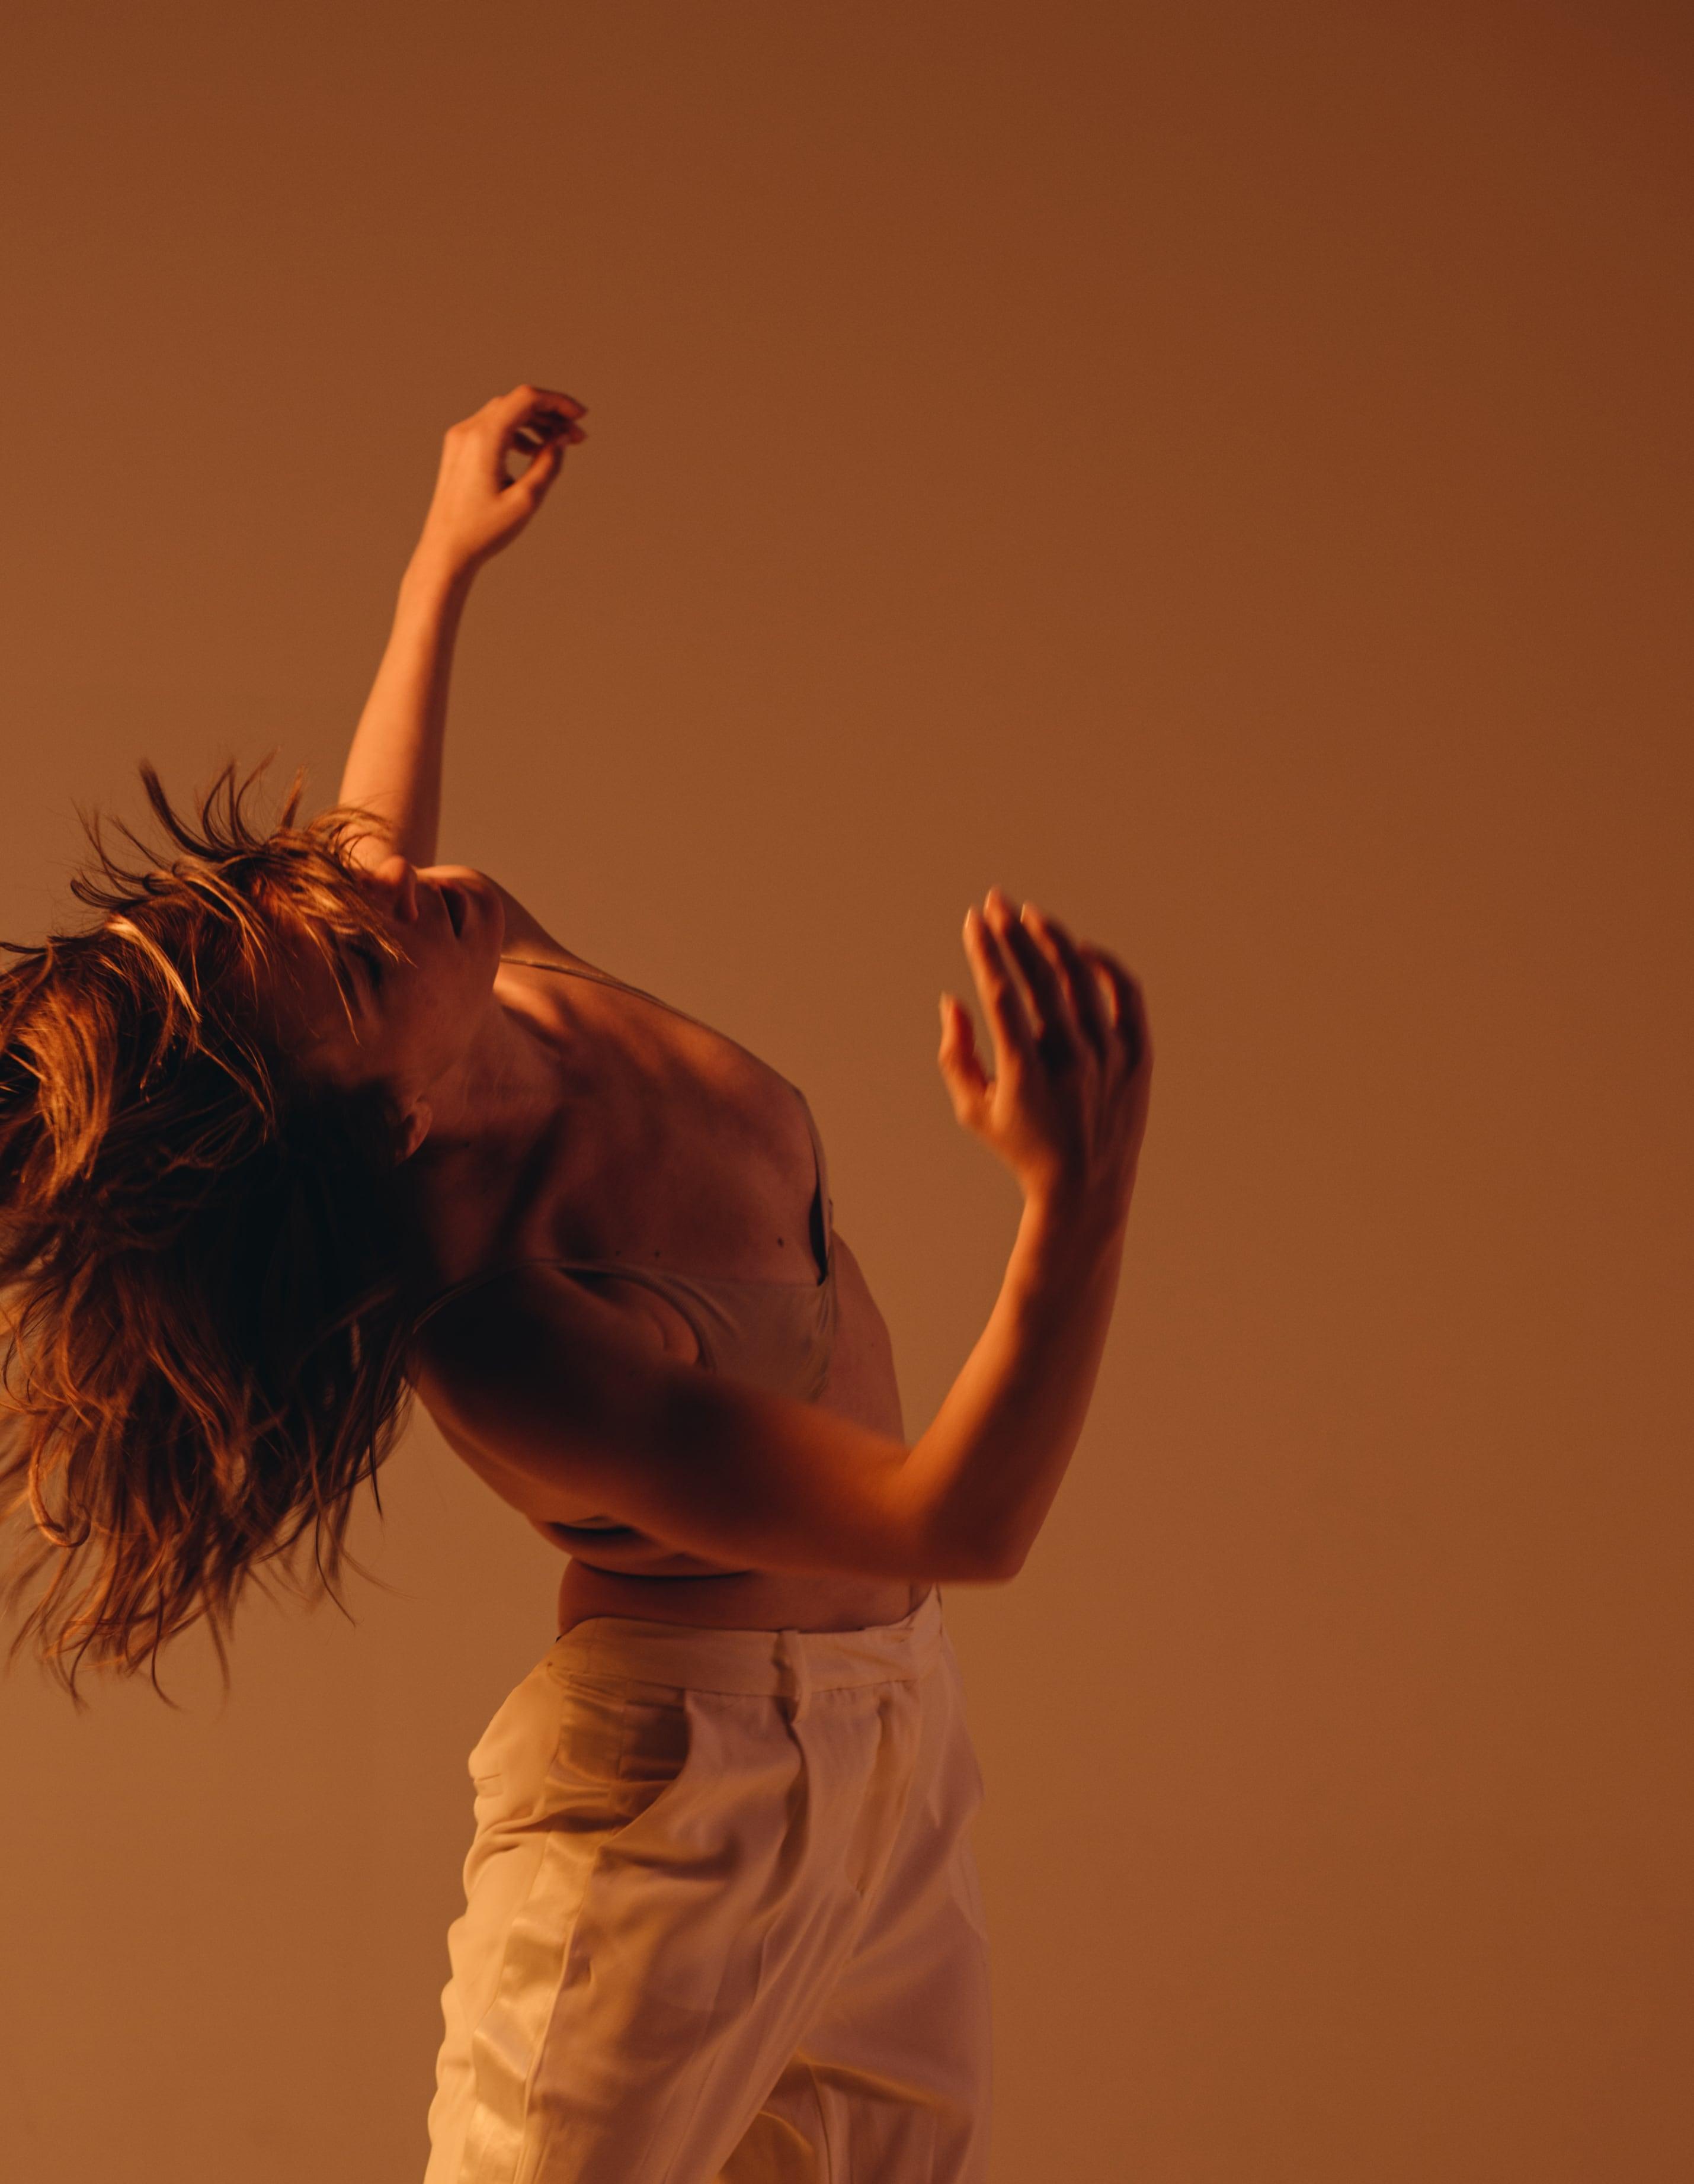 4 chorégraphes /2 danseurs / 1 spectacle